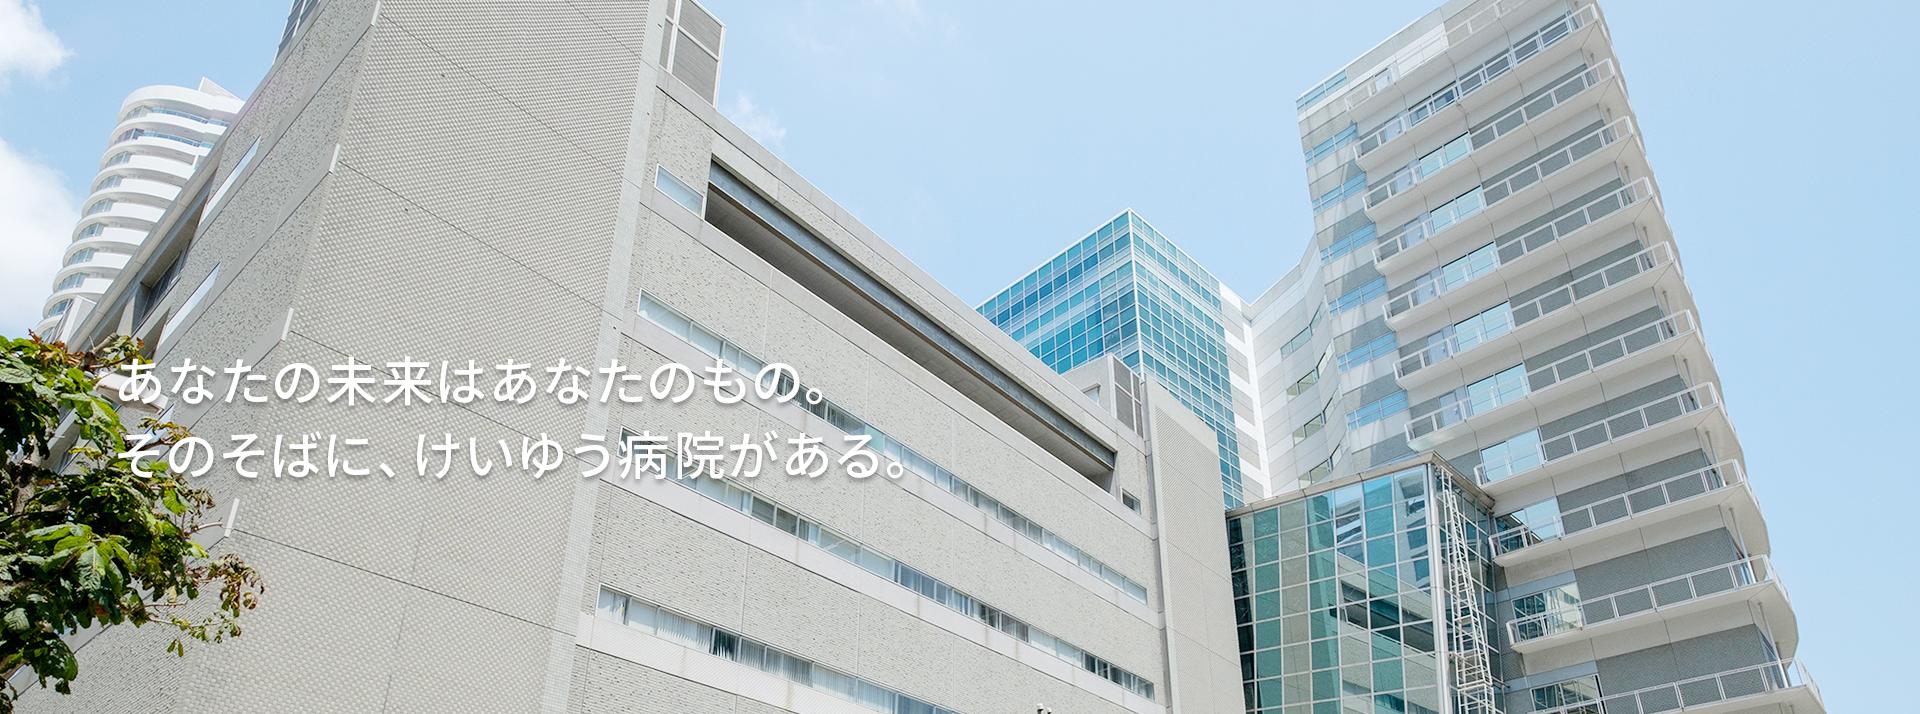 あなたの未来はあなたのもの。そのそばに、けいゆう病院がある。